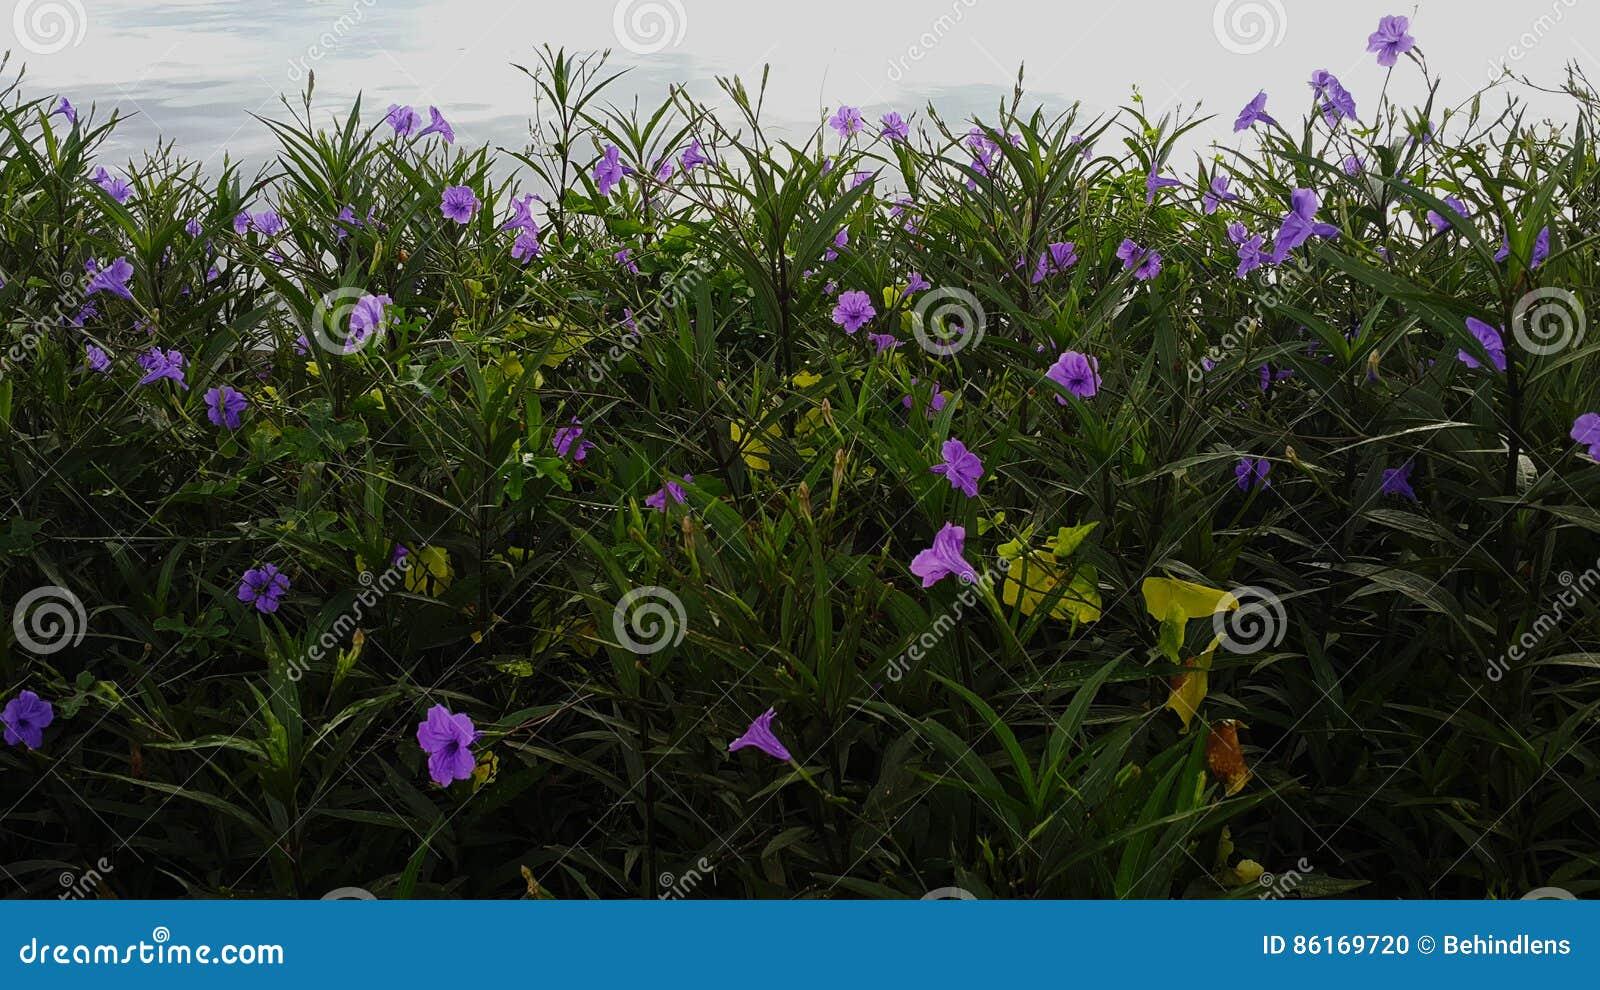 Little Purple Flowers In Green Bush Stock Photo Image Of Macro